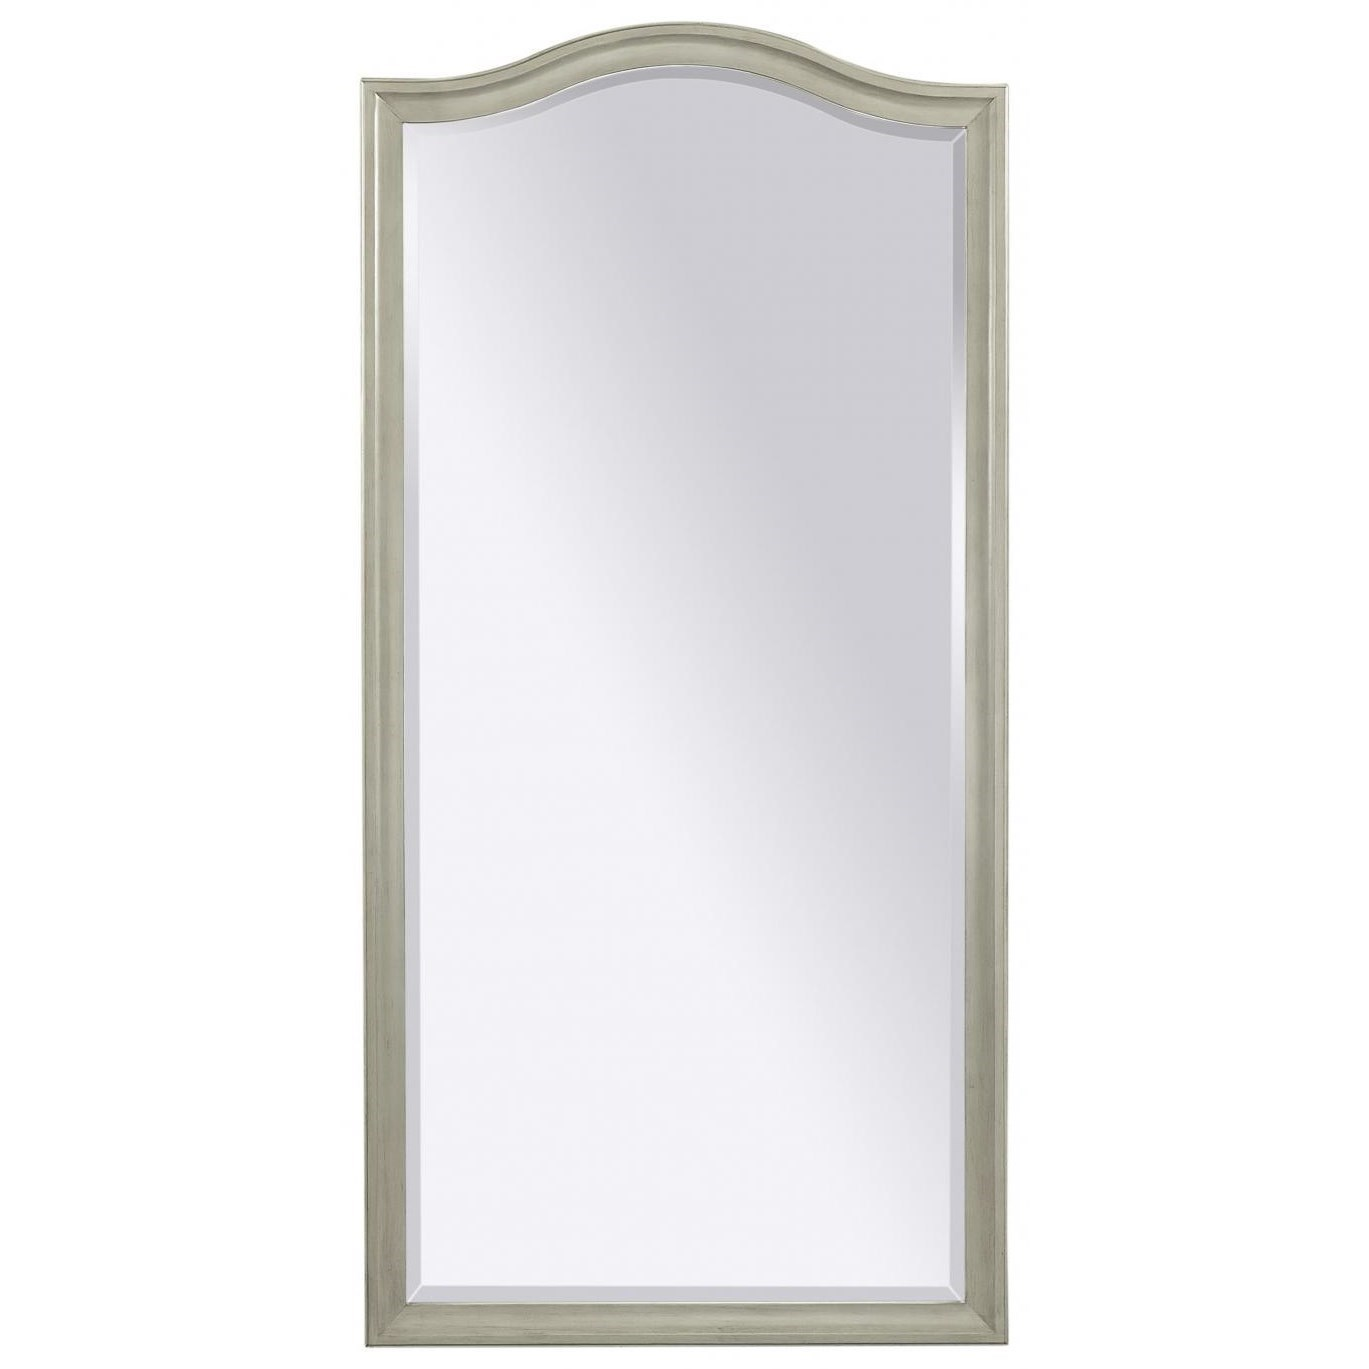 Transitional Floor Mirror